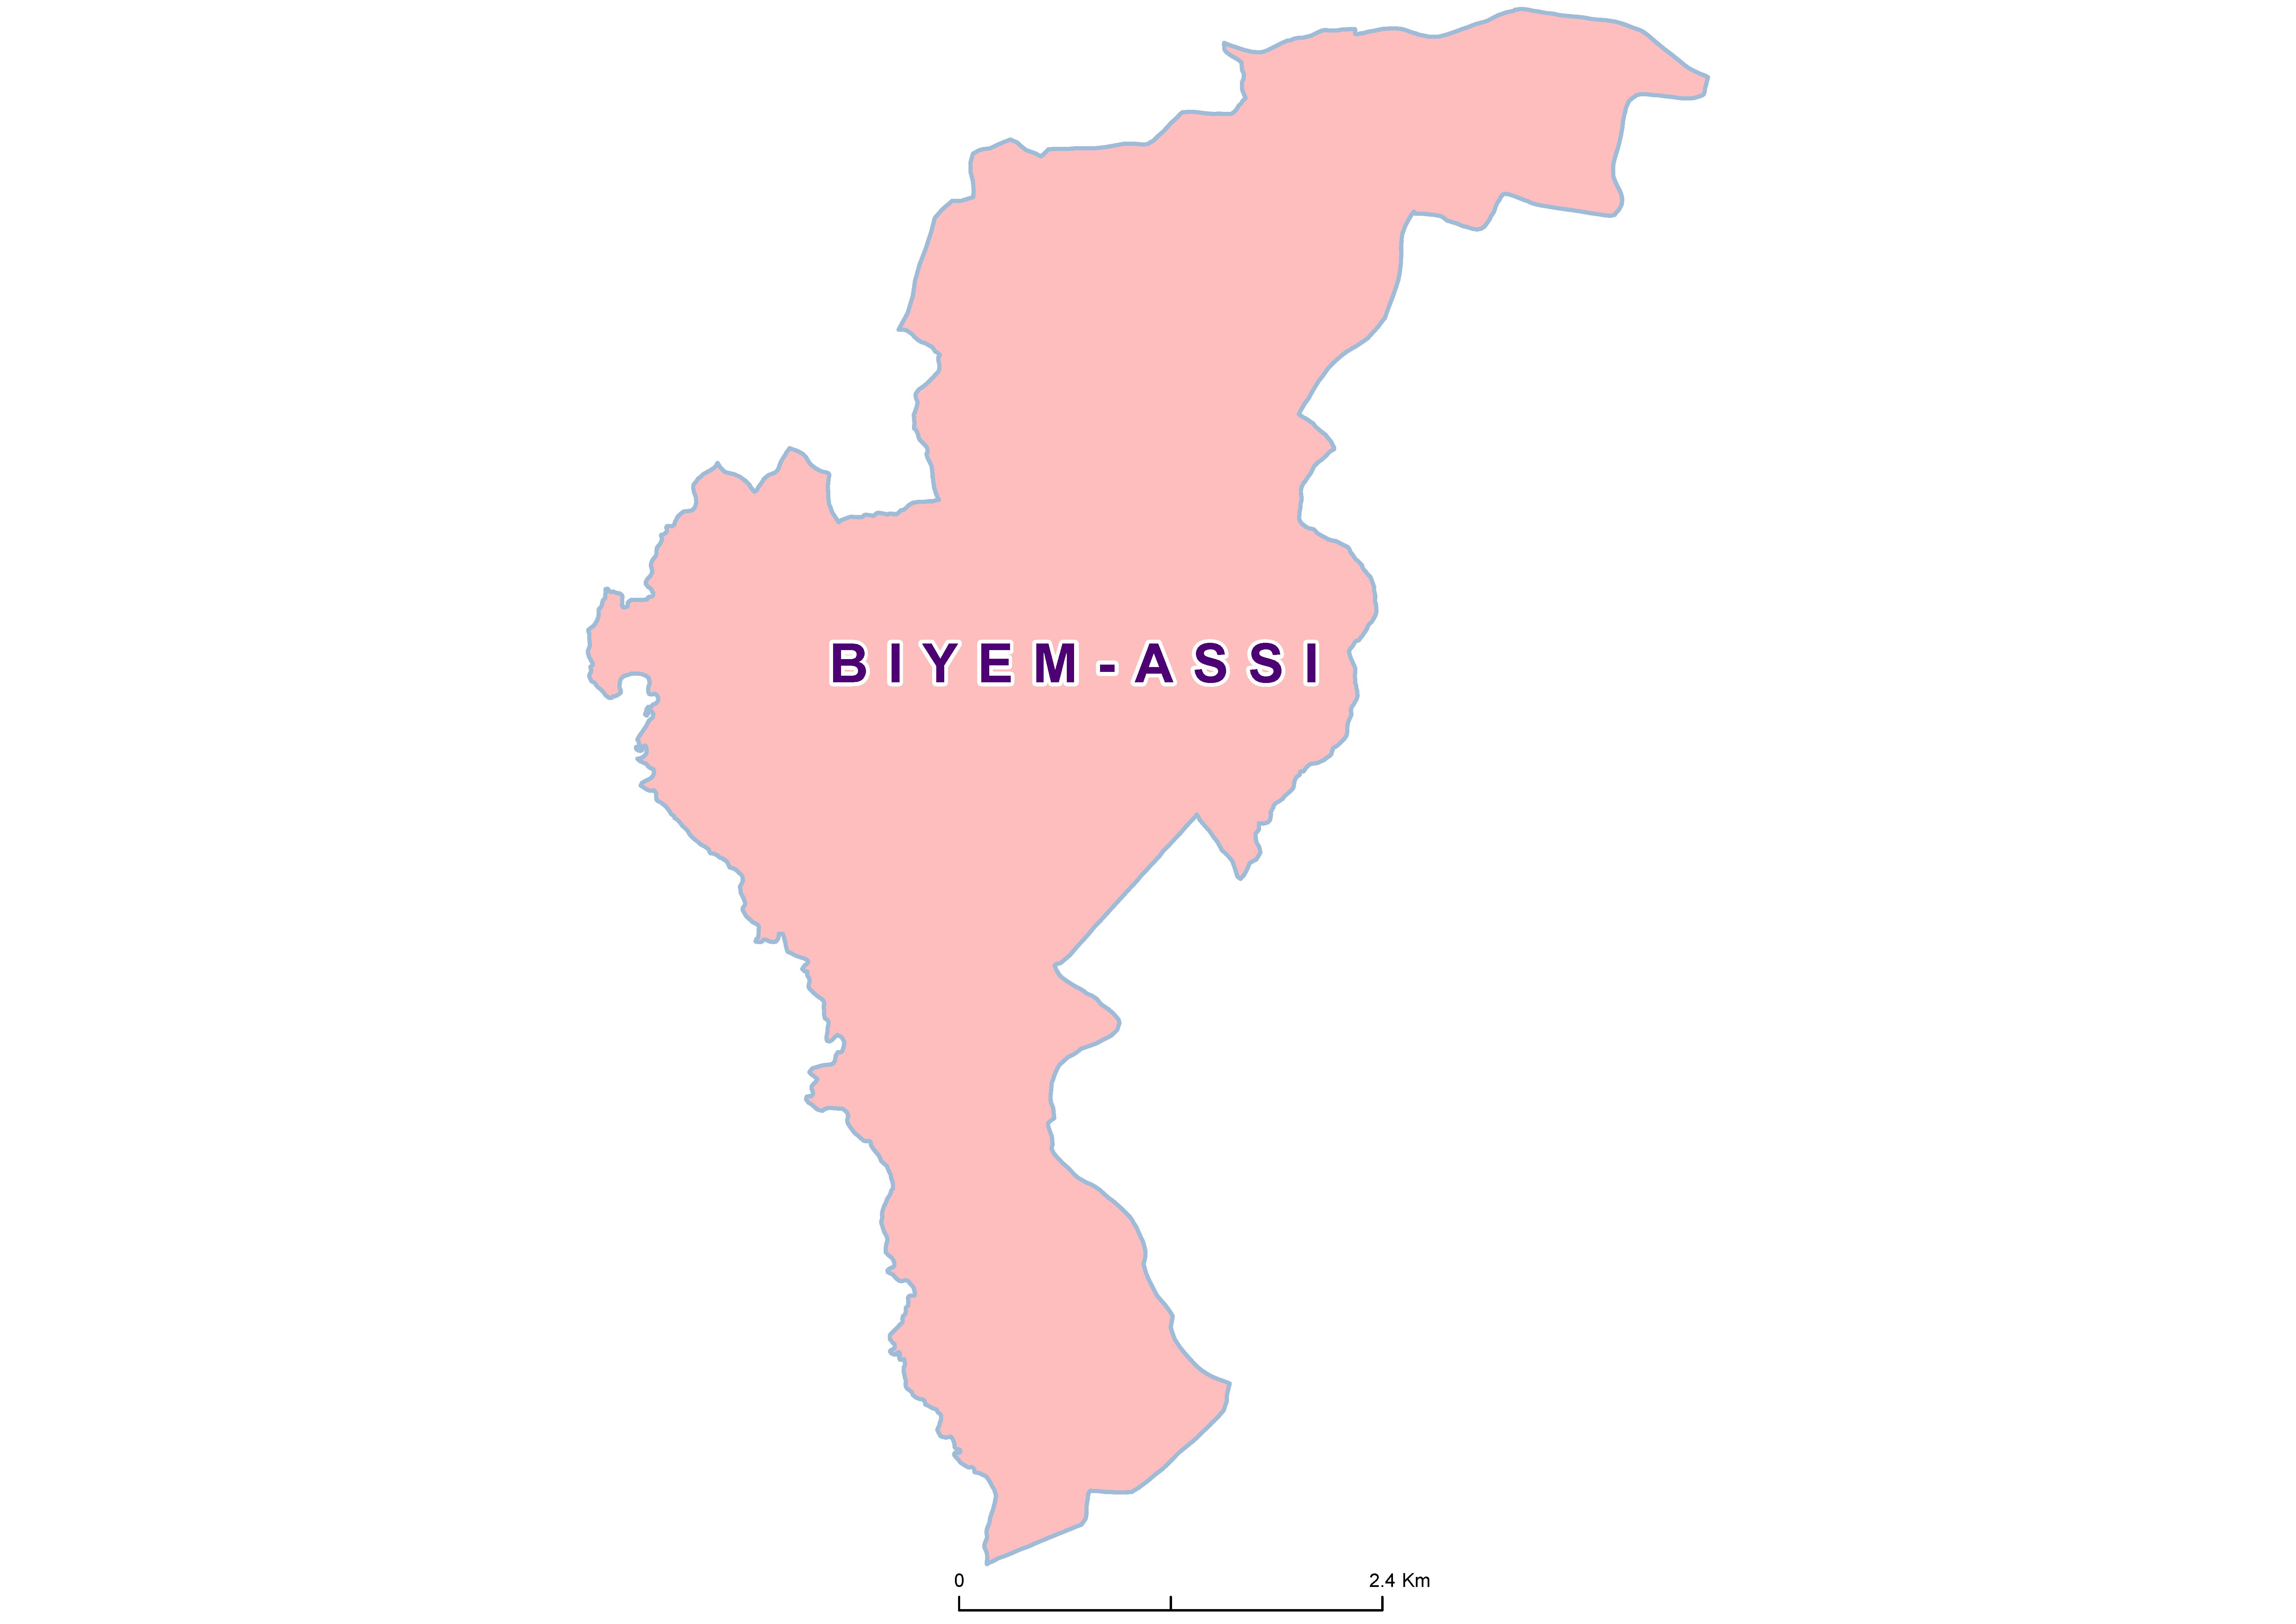 Biyem-assi Mean SCH 20100001